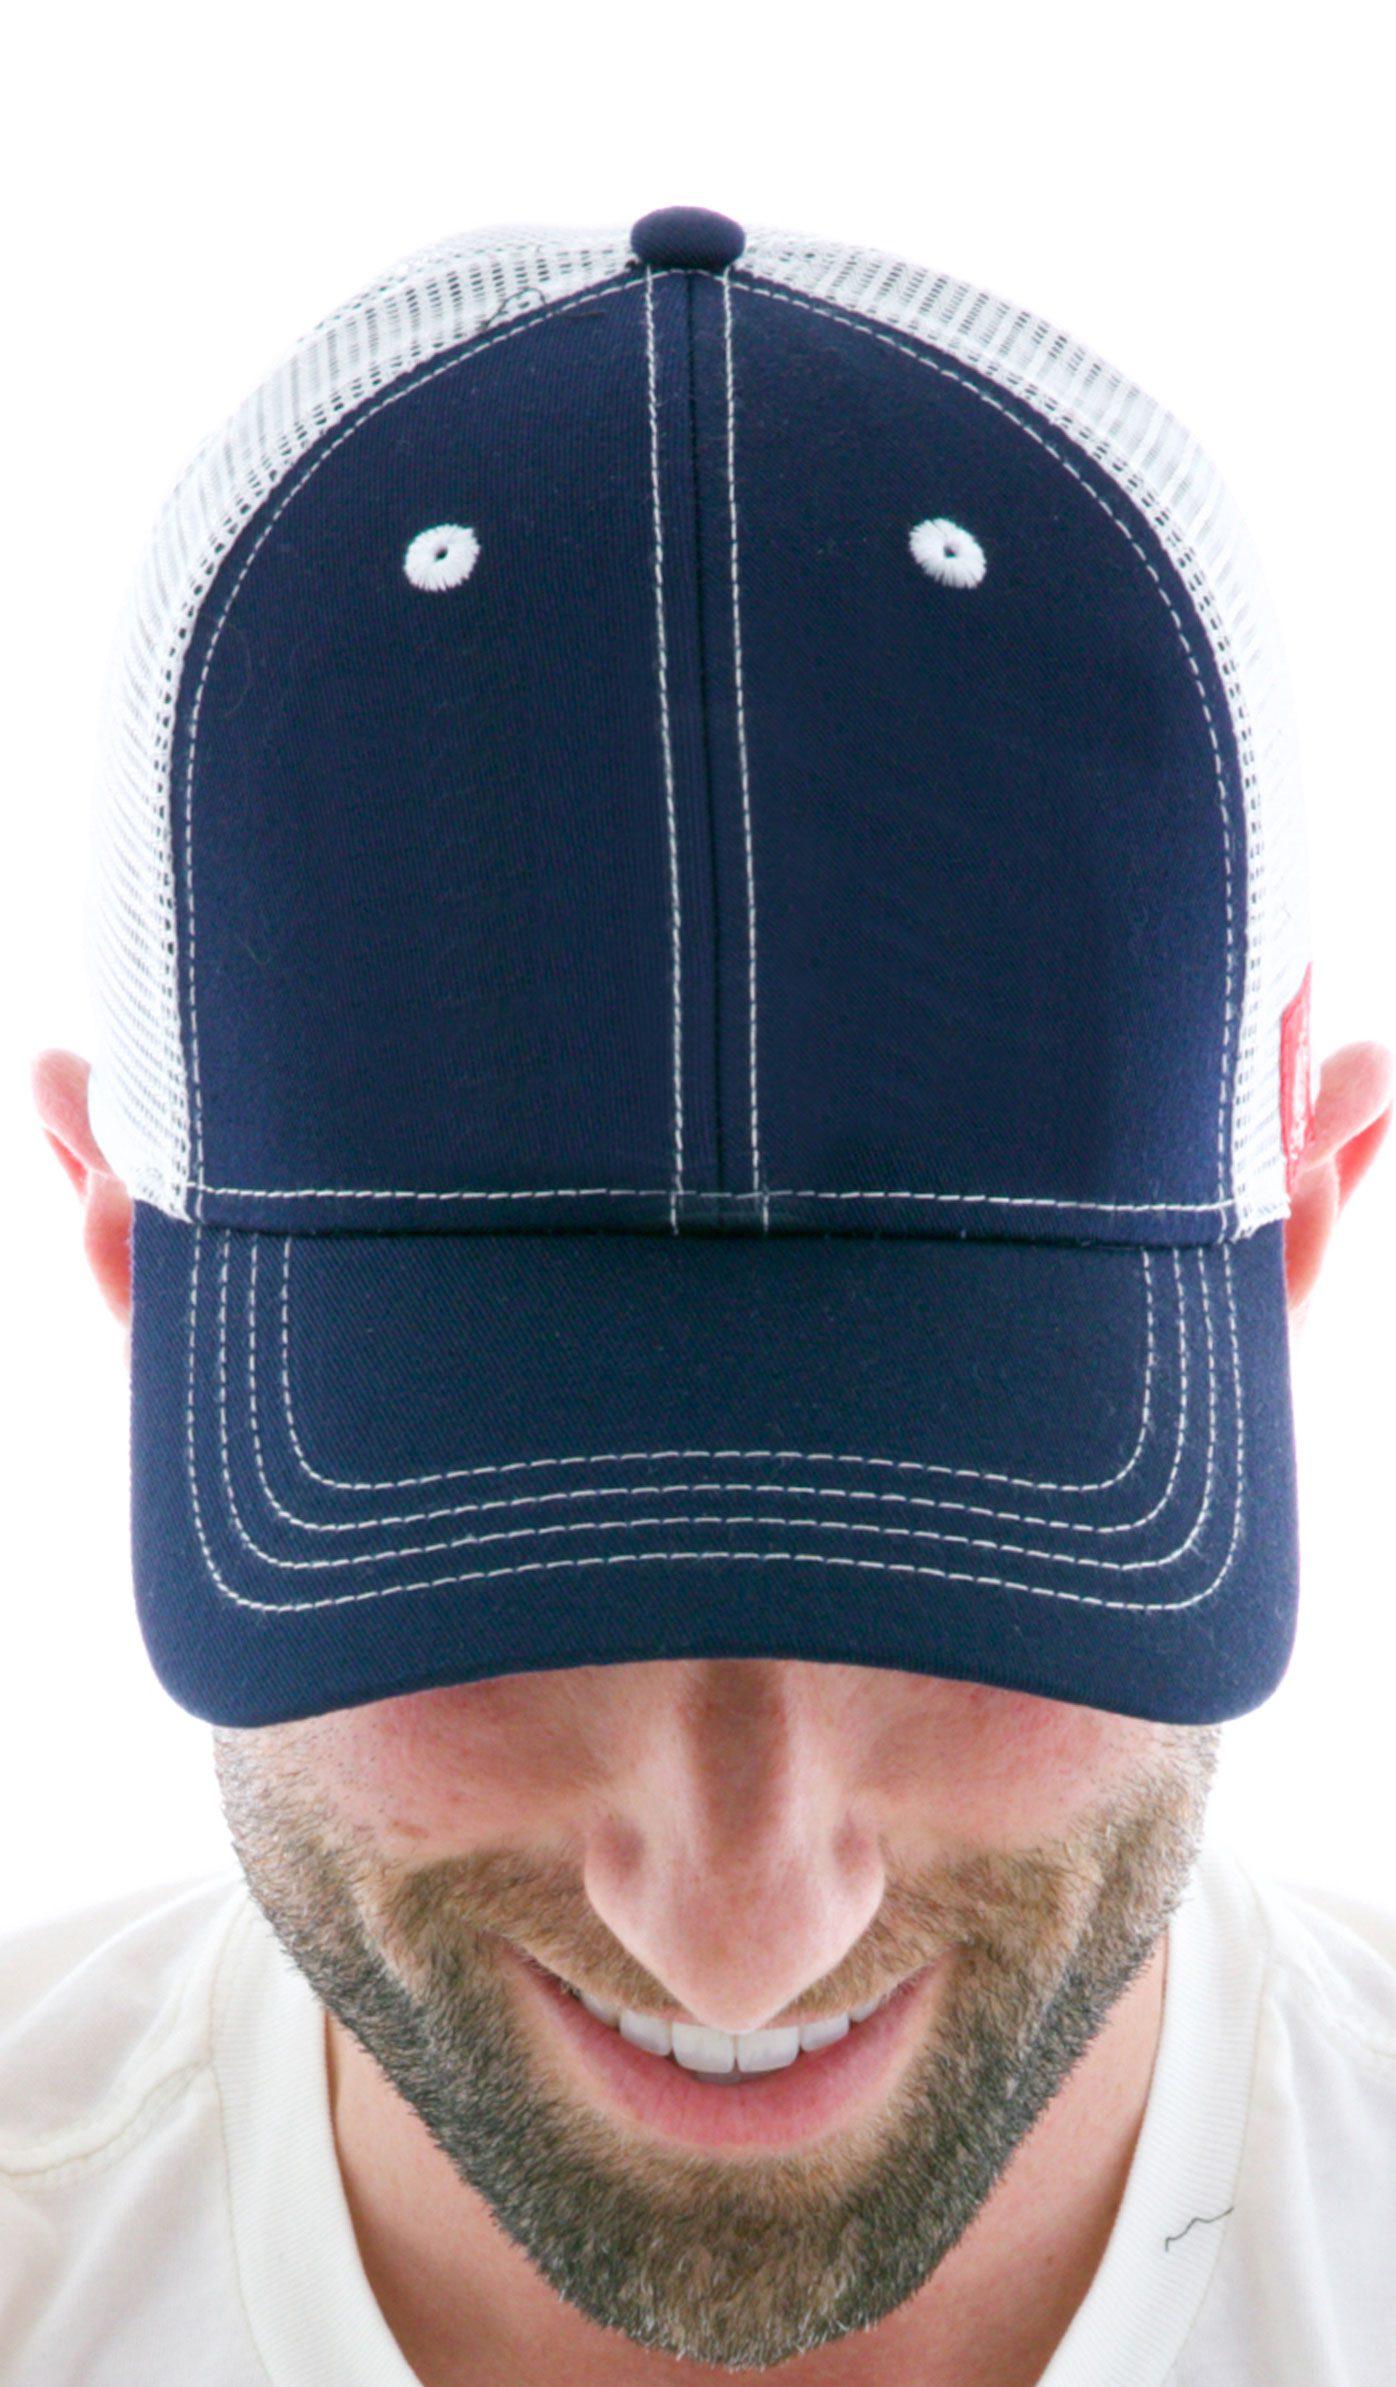 Contrast Vintage Trucker Hats